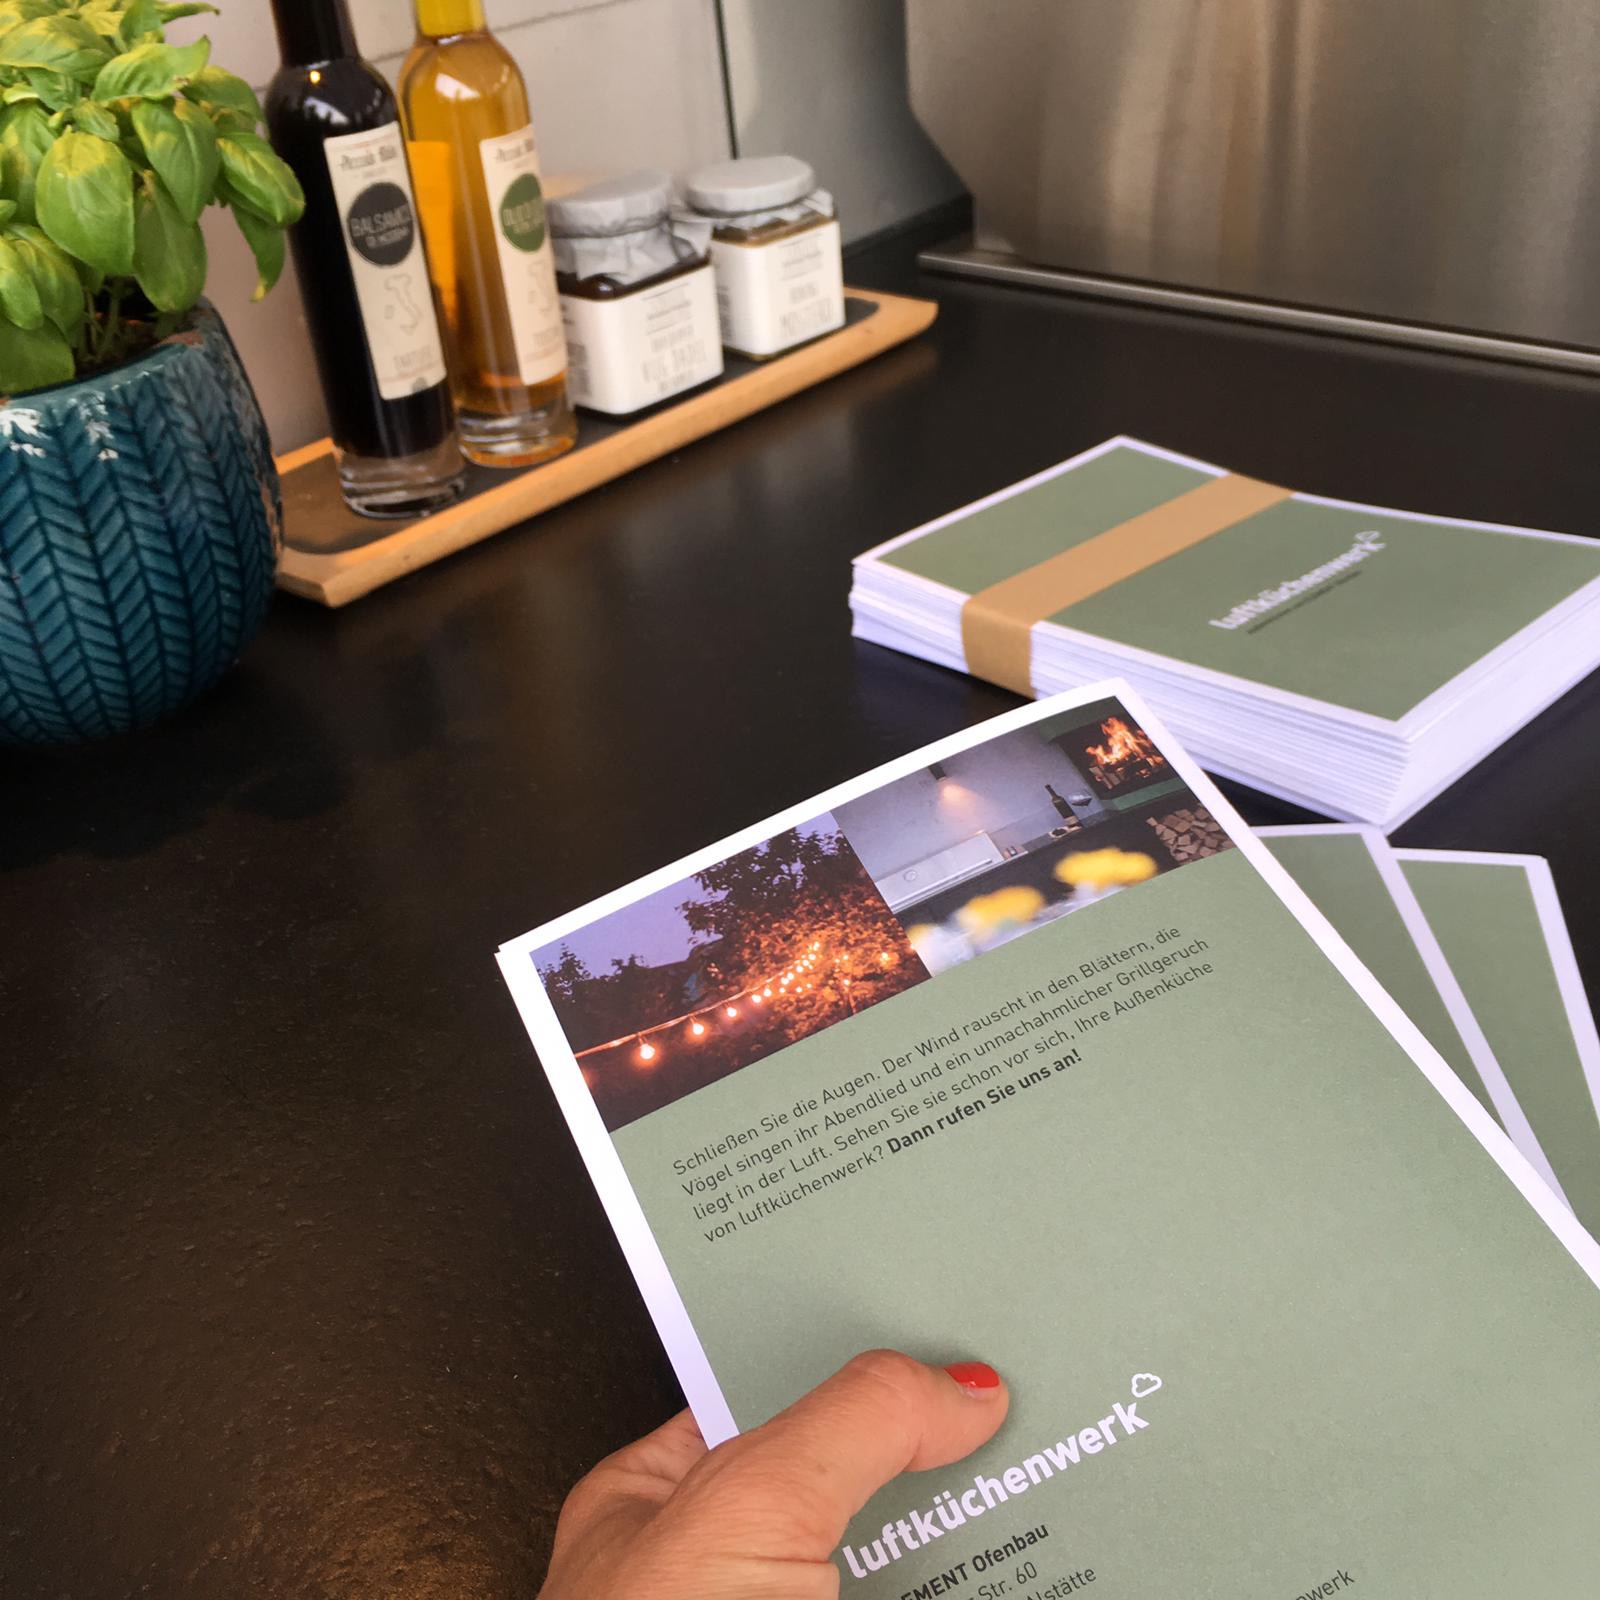 Flyer luftküchenwerk TWINNERS Zwillingsagentur Werbeagentur Designagentur Design Werbung Konzept Emsbüren Plettenberg